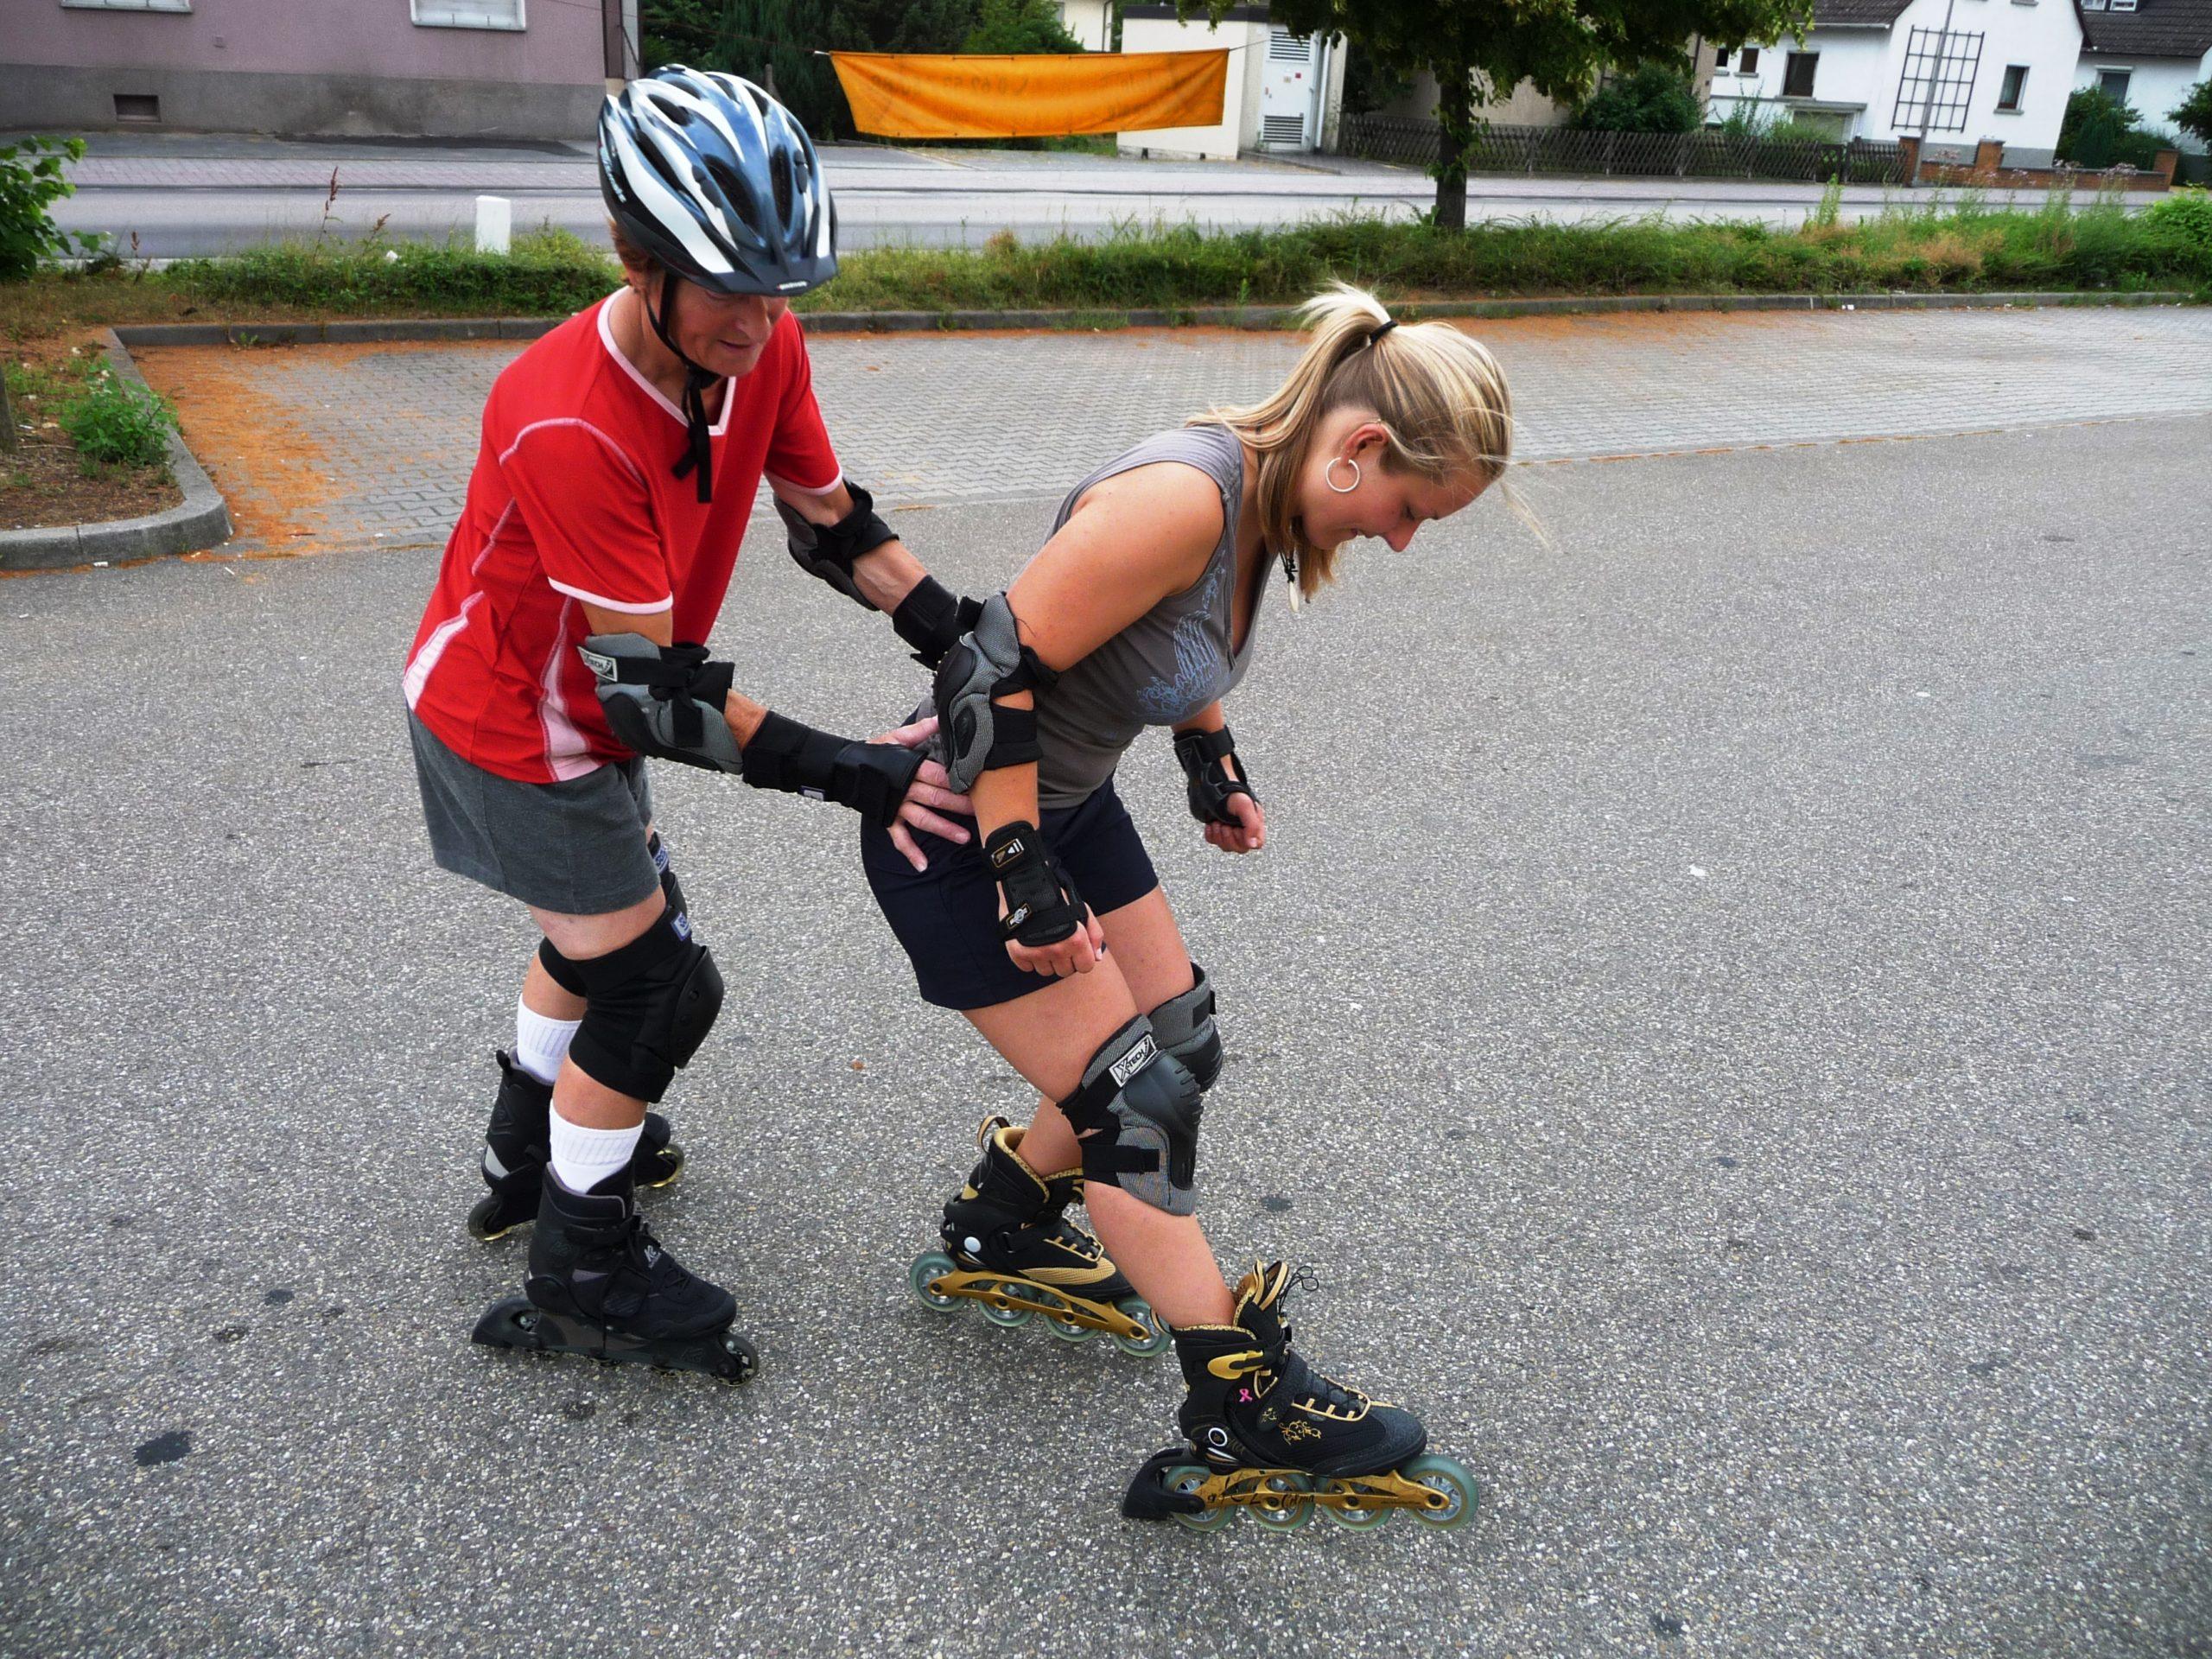 Partnerübung Bremsen